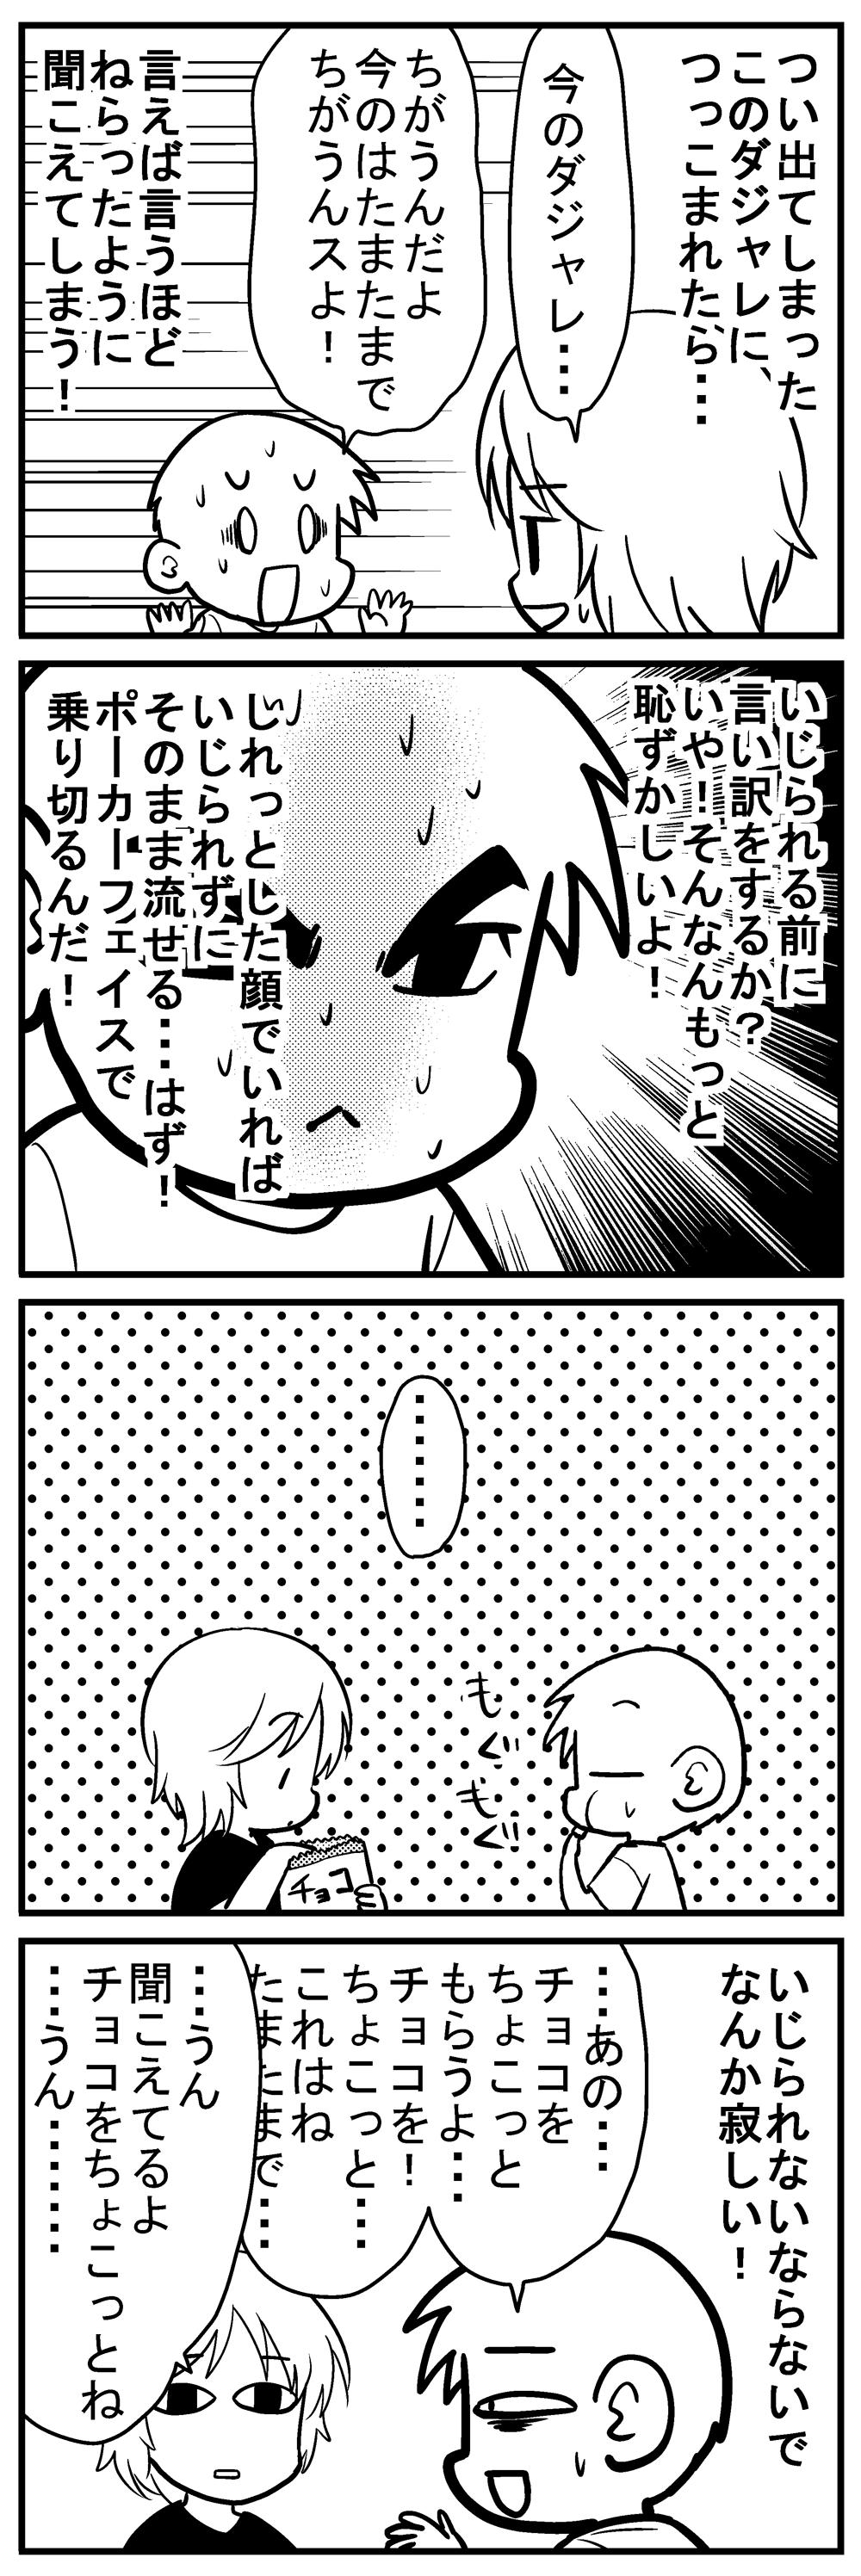 深読みくん91-2